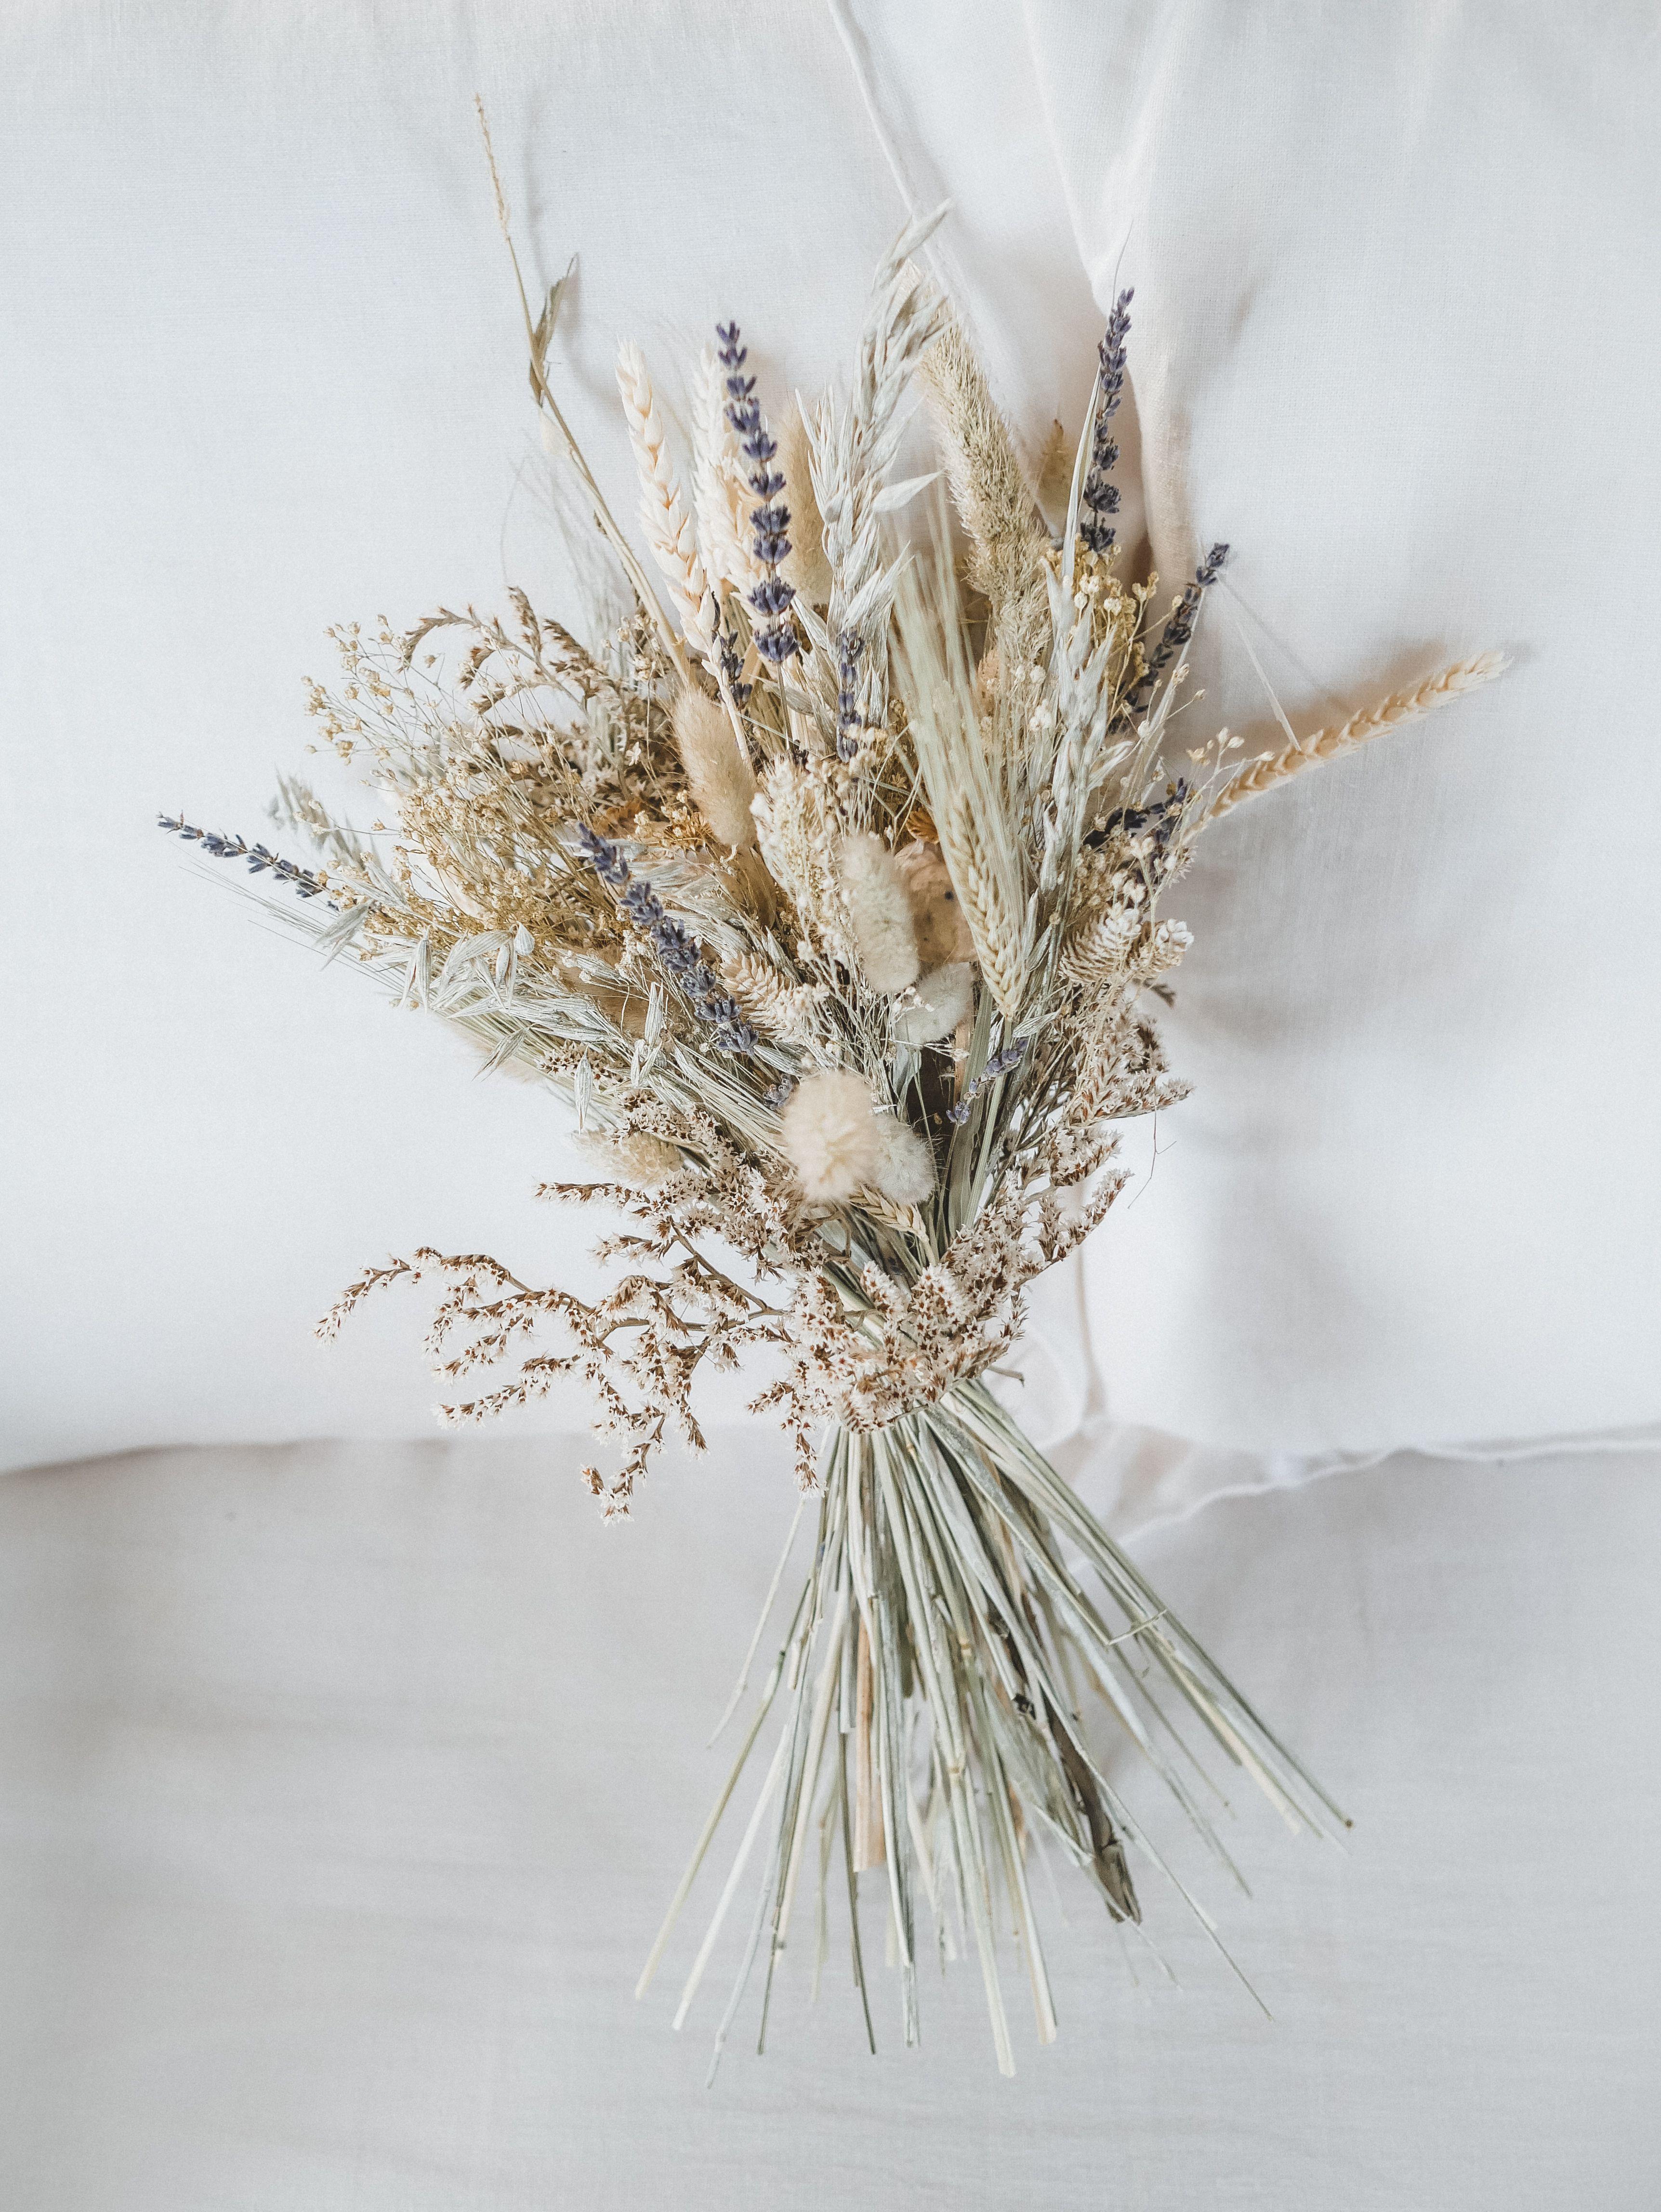 Un Beau Bouquet De Fleurs Sechees Aux Couleurs Douces Et